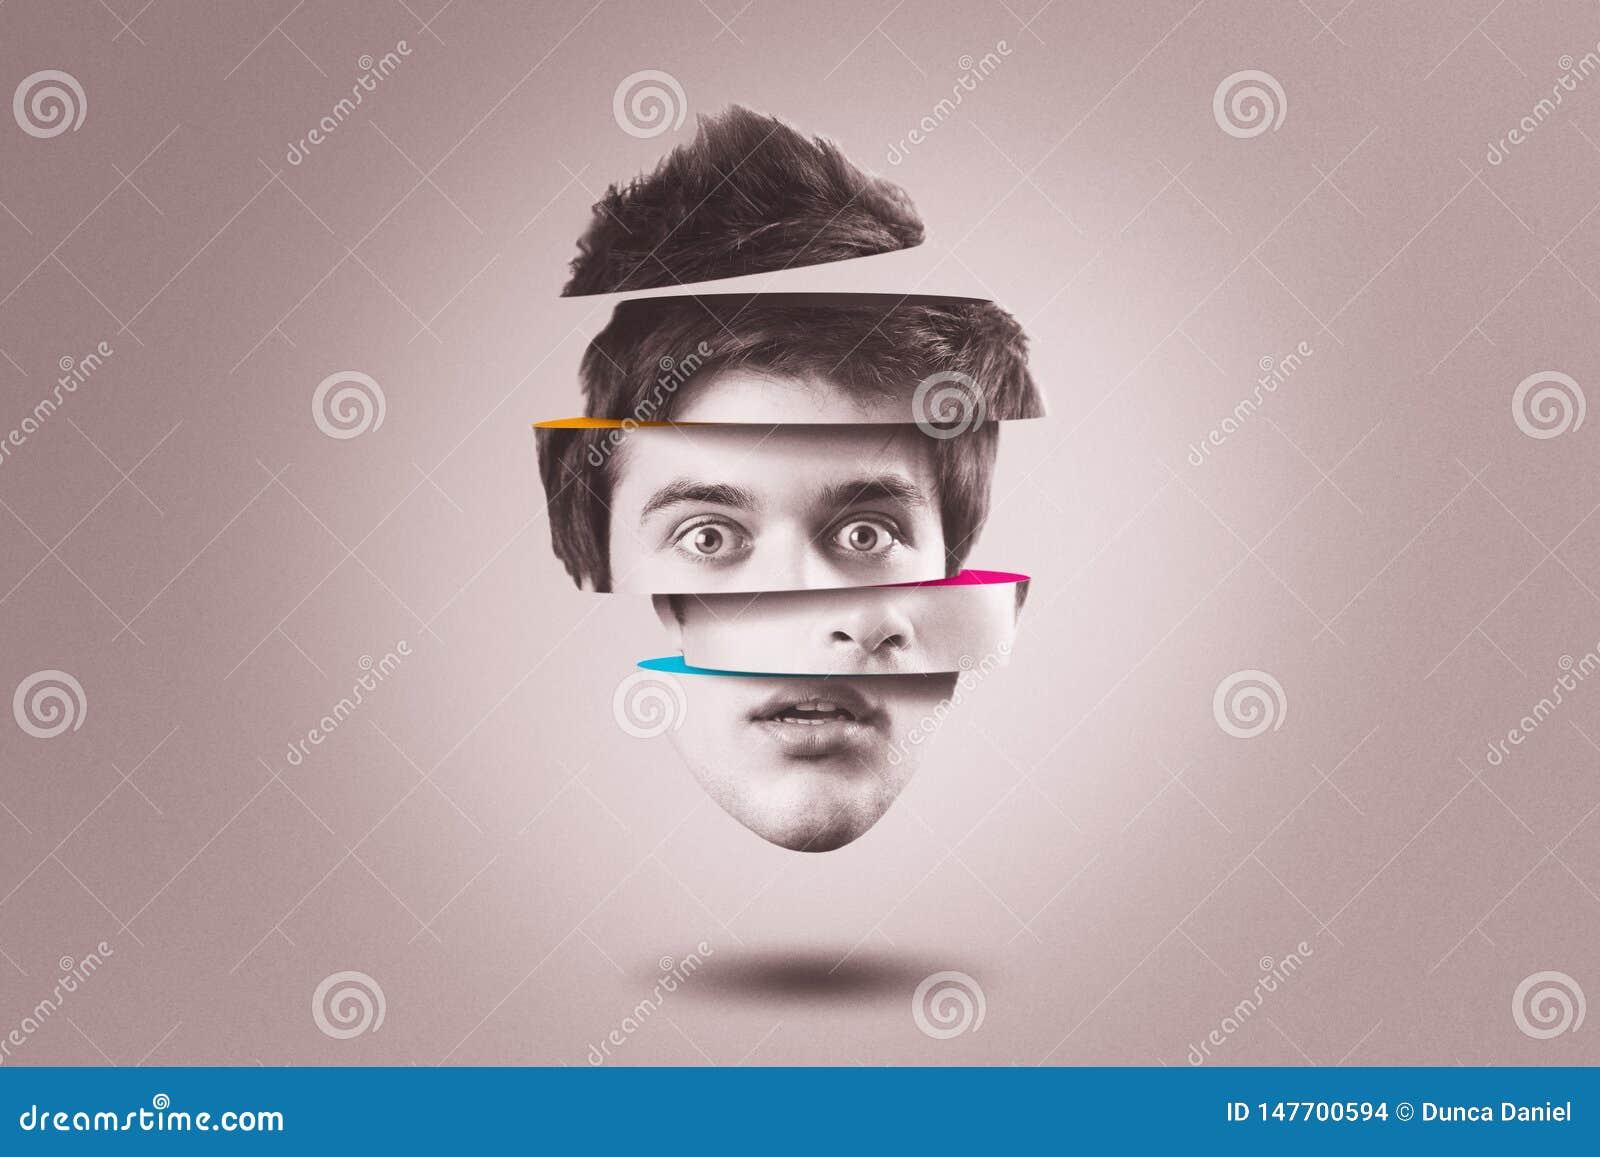 Concepto del doble personalidad Cabeza aislada del recorte de la persona con desorden de la salud mental